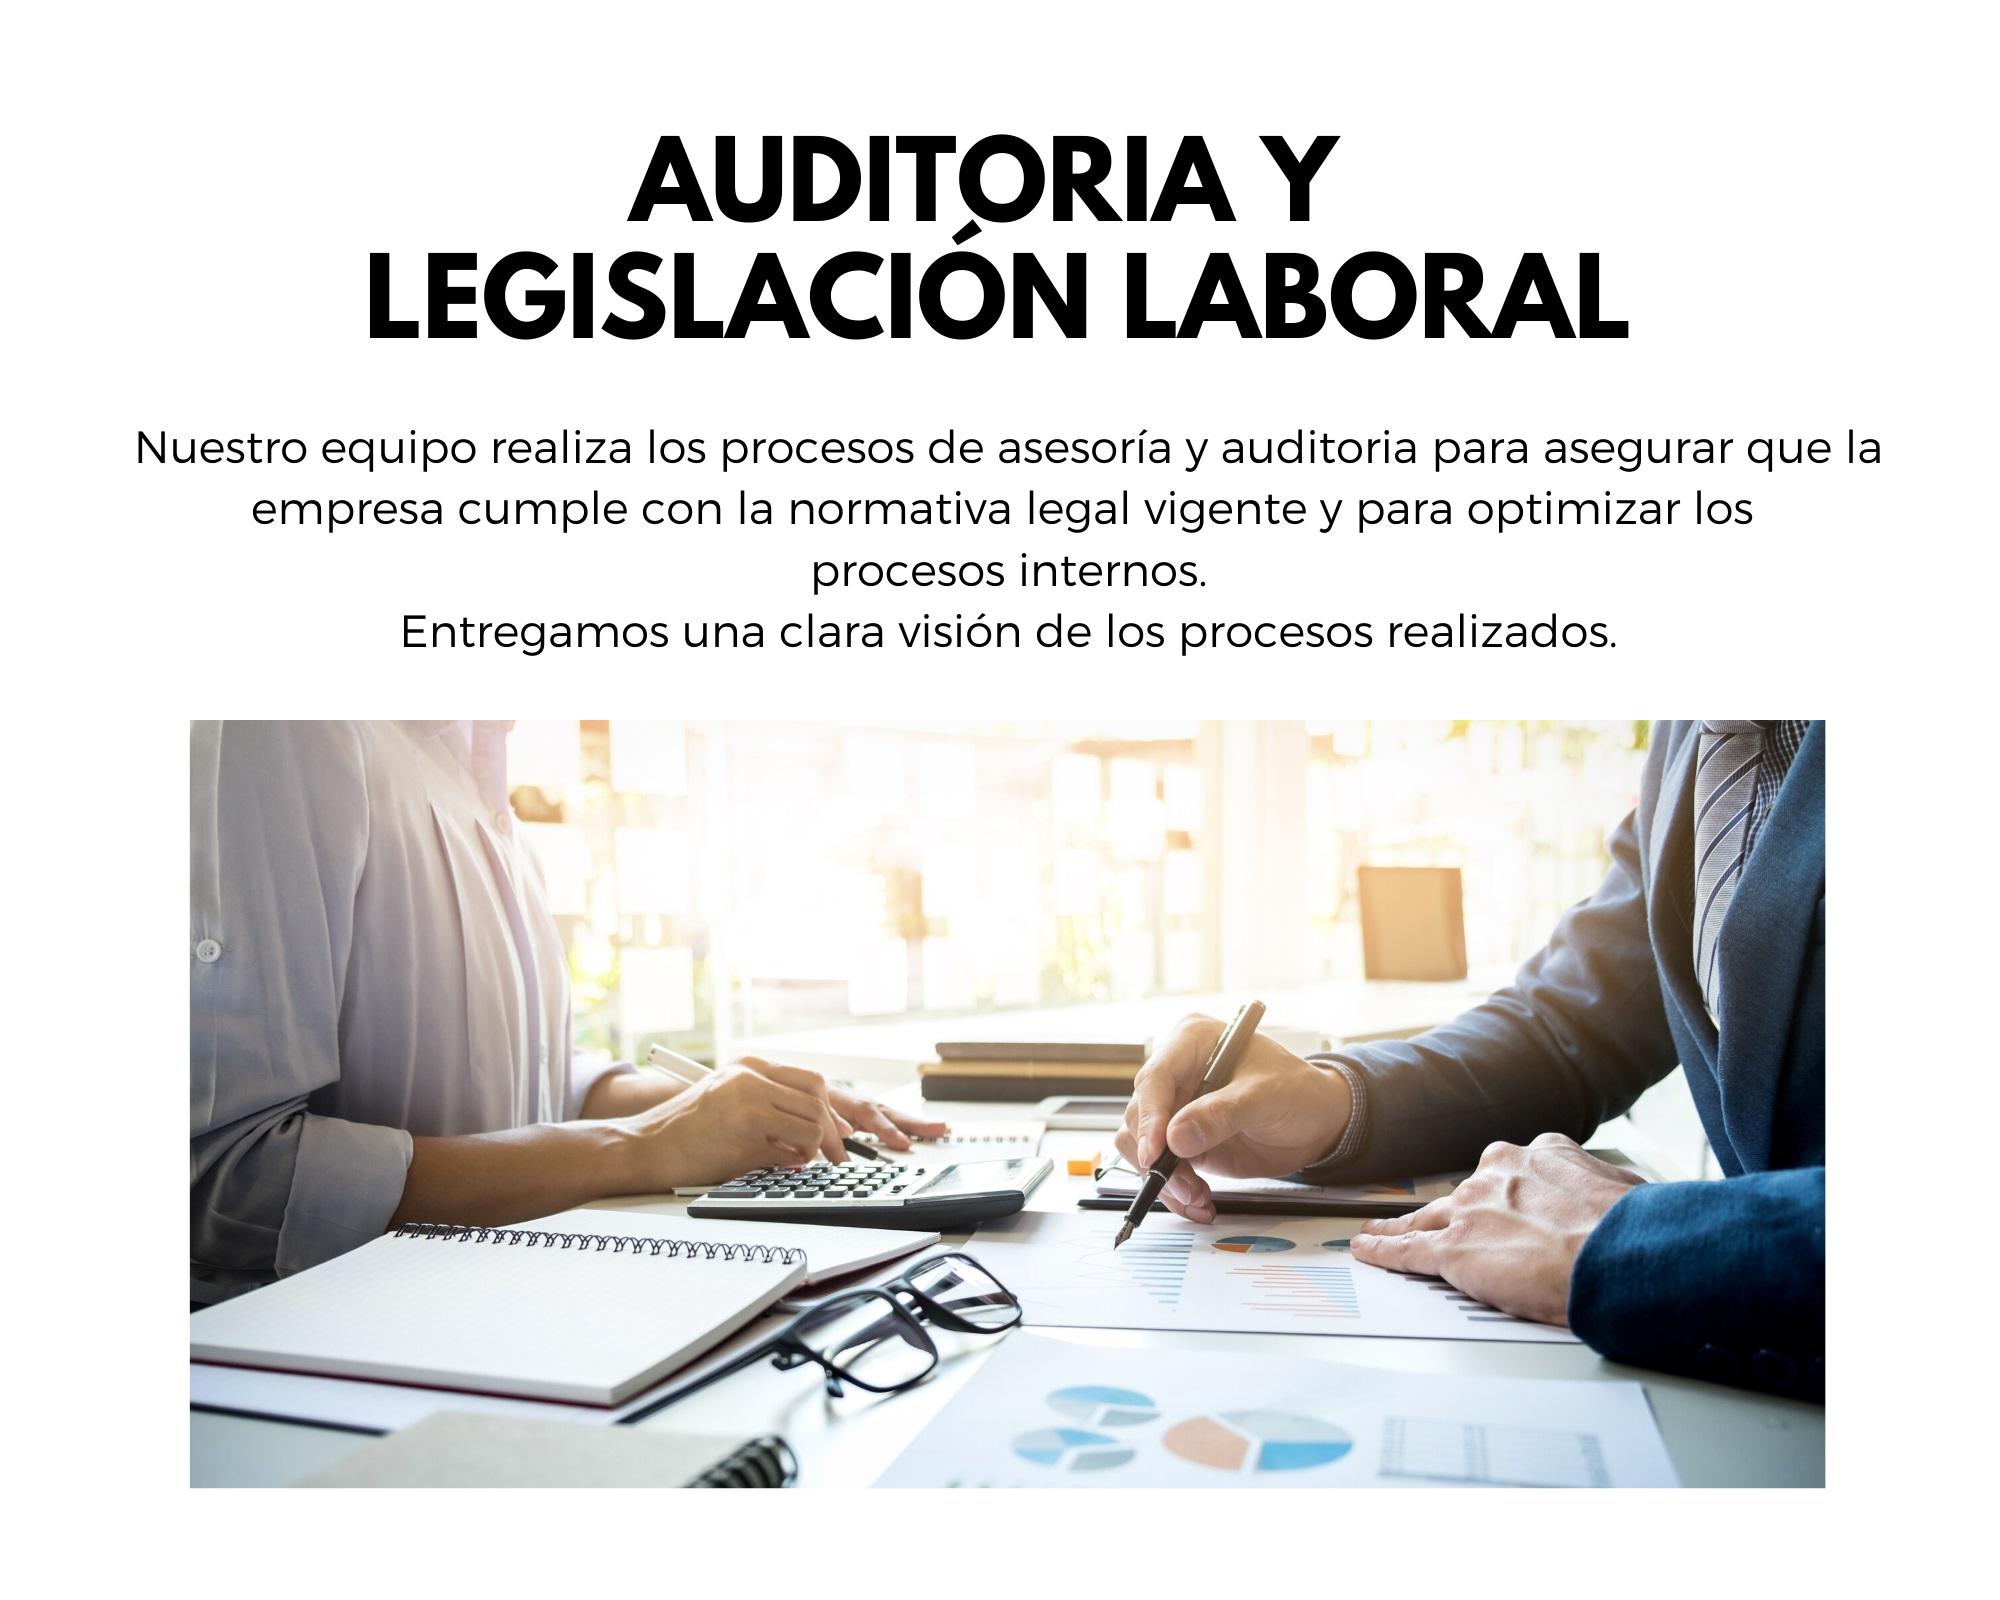 Auditoria y Legislación Laboral.